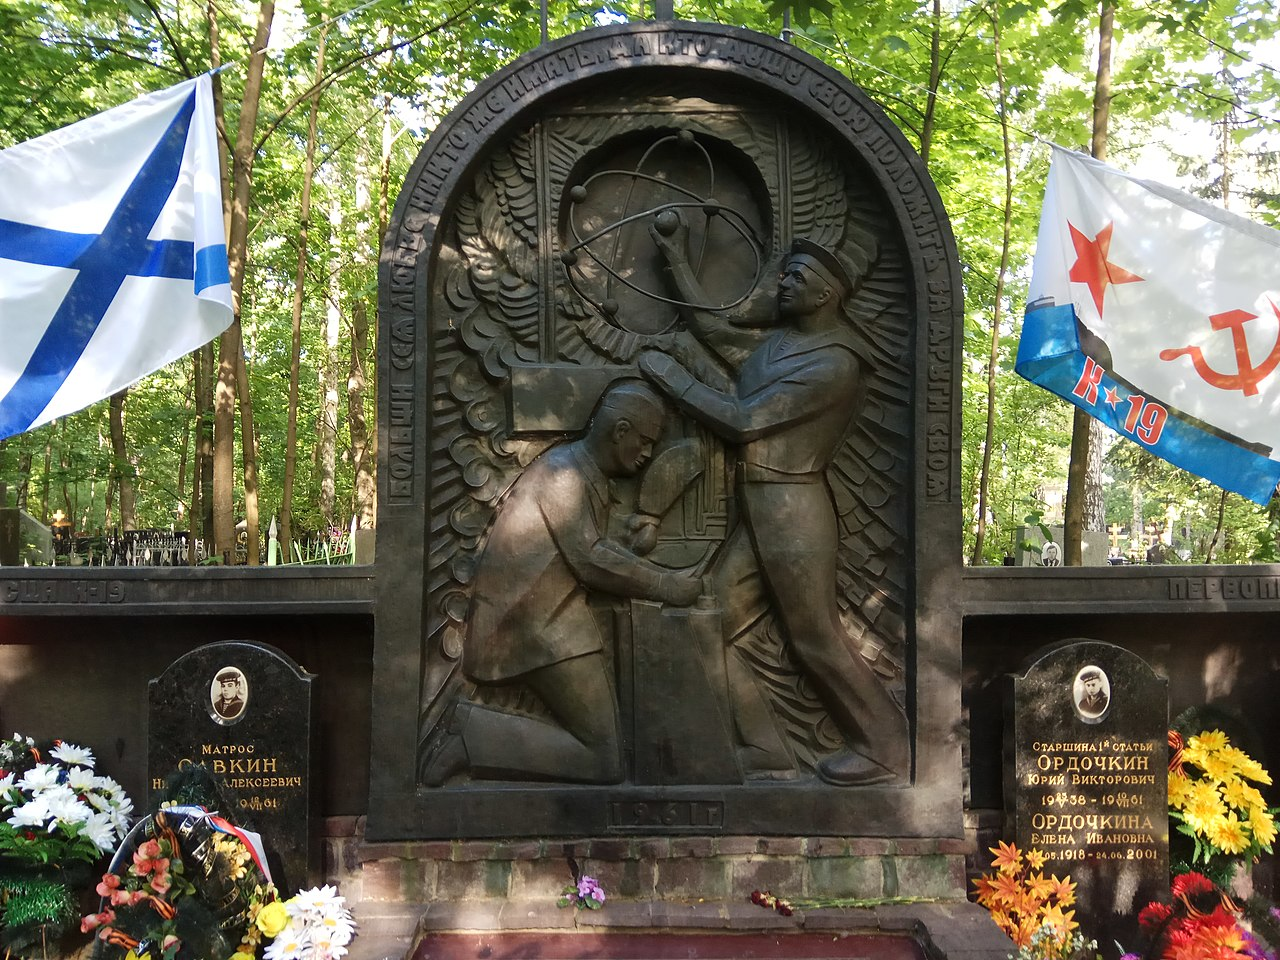 Monumento aos tripulantes mortos do submarino nuclear K-19 no cemitério da Marinha de Kuzminskoye.